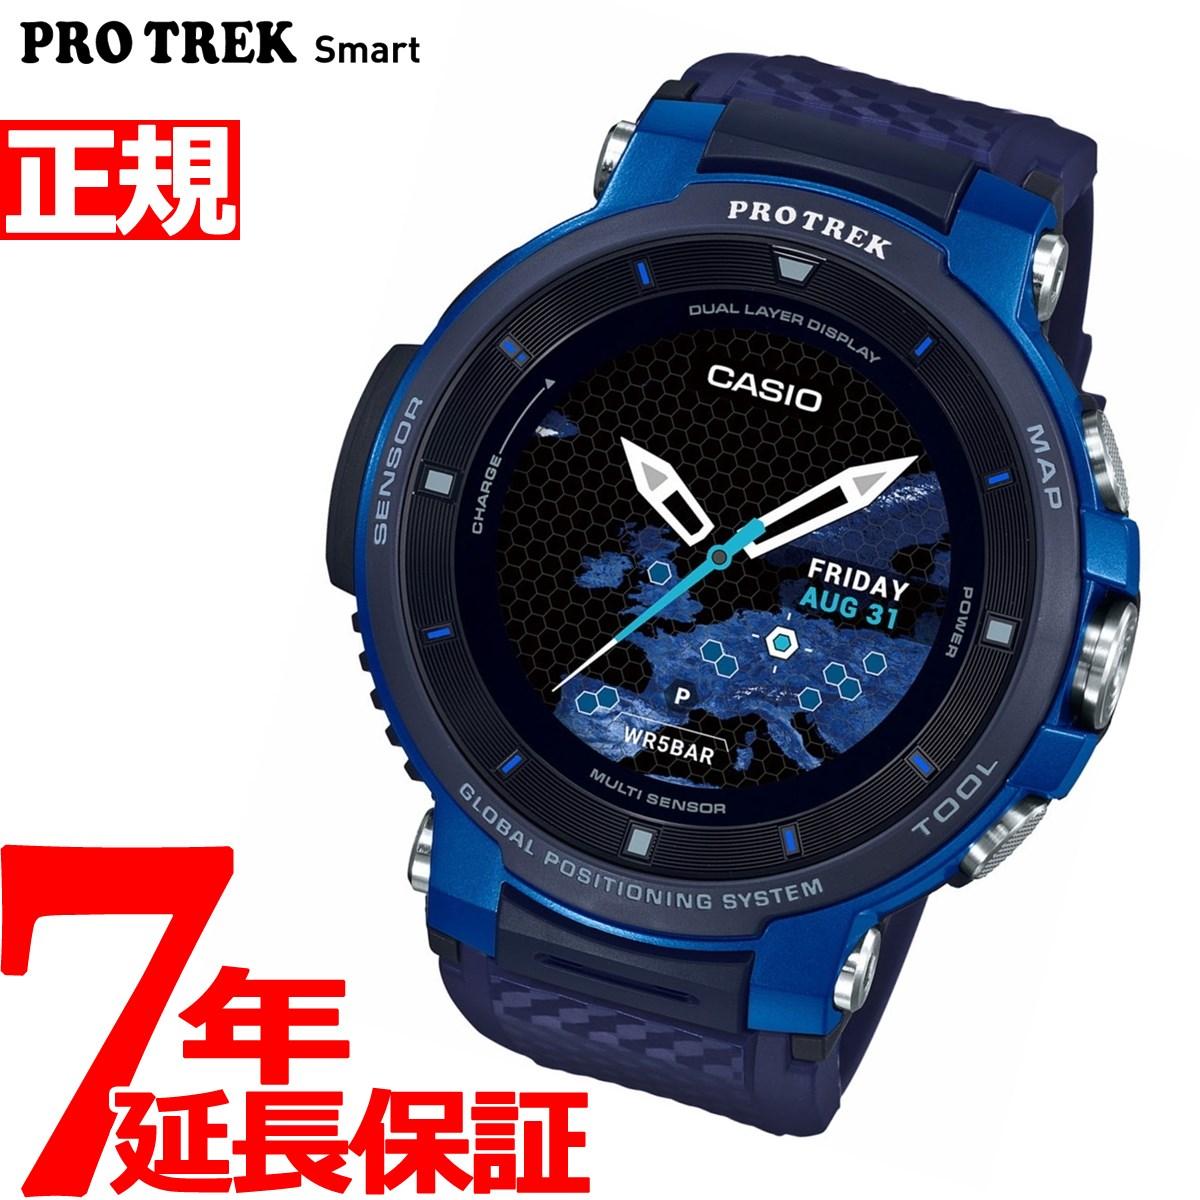 【5日0時~♪2000円OFFクーポン&店内ポイント最大51倍!5日23時59分まで】カシオ プロトレック CASIO PRO TREK スマートアウトドアウォッチ Smart Outdoor Watch ブルー 腕時計 メンズ WSD-F30-BU